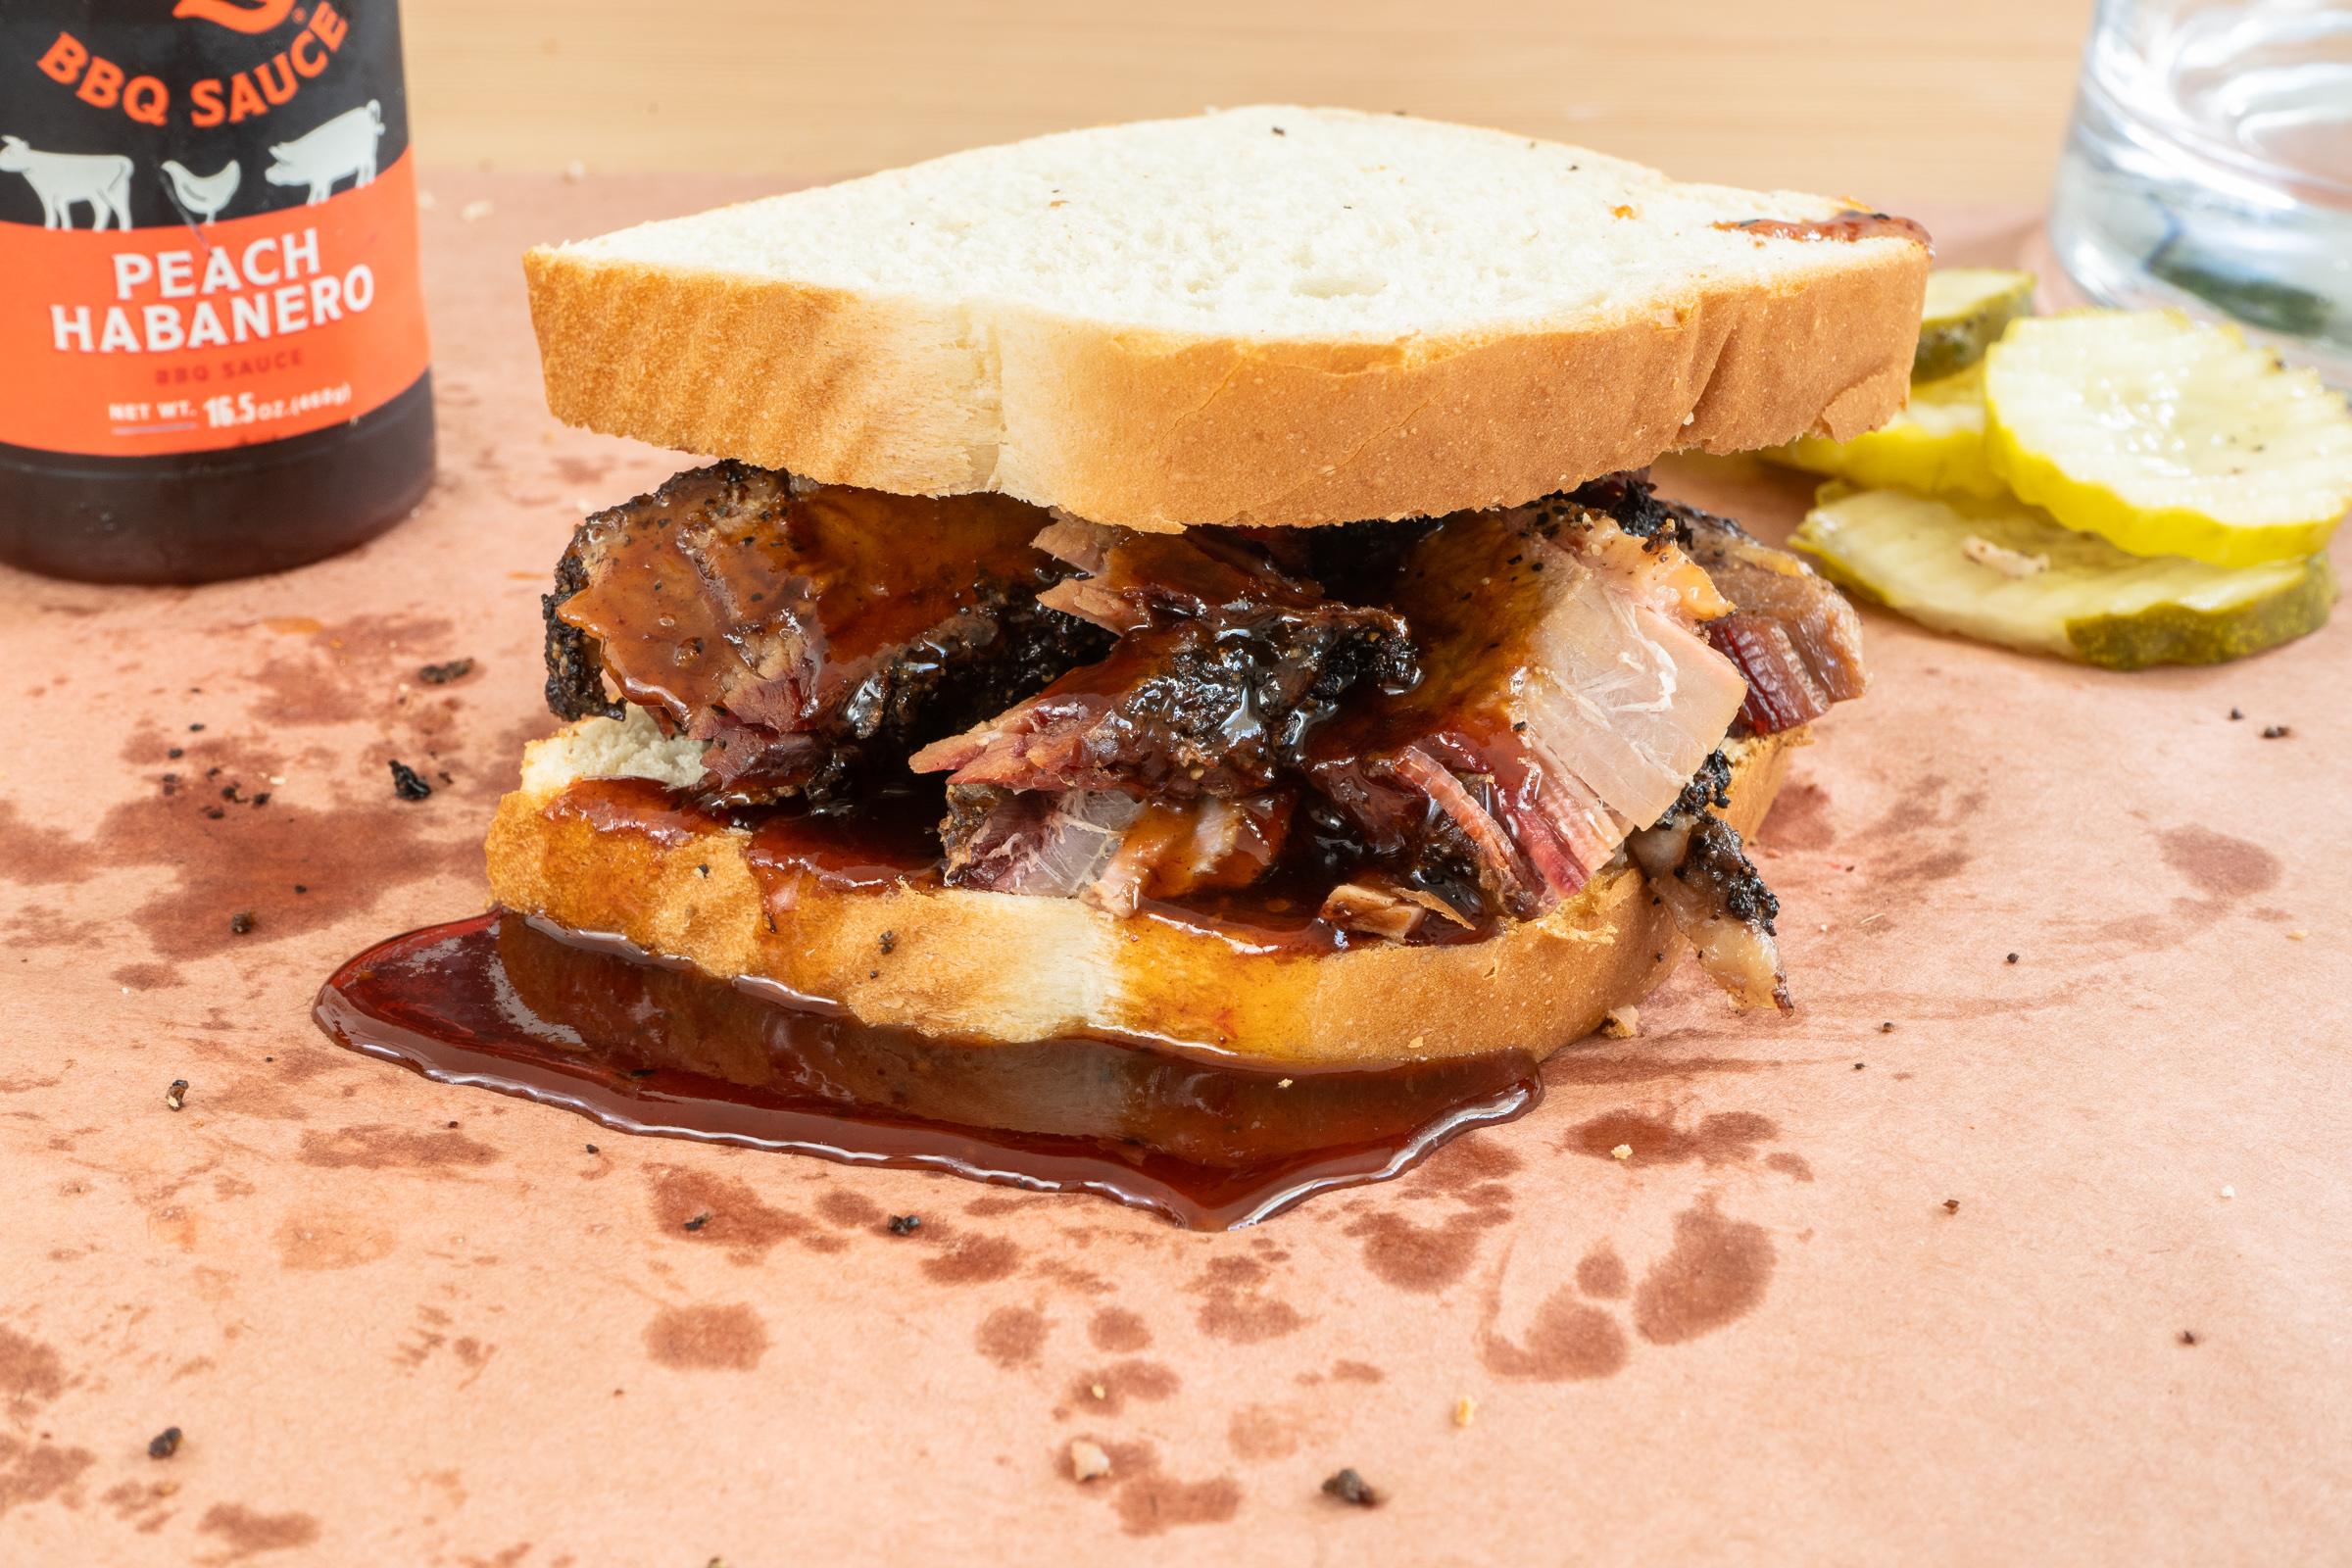 kosmos bbq sauce jeremy pawlowski portland oregon texas food photographer photography restaurant sandwich